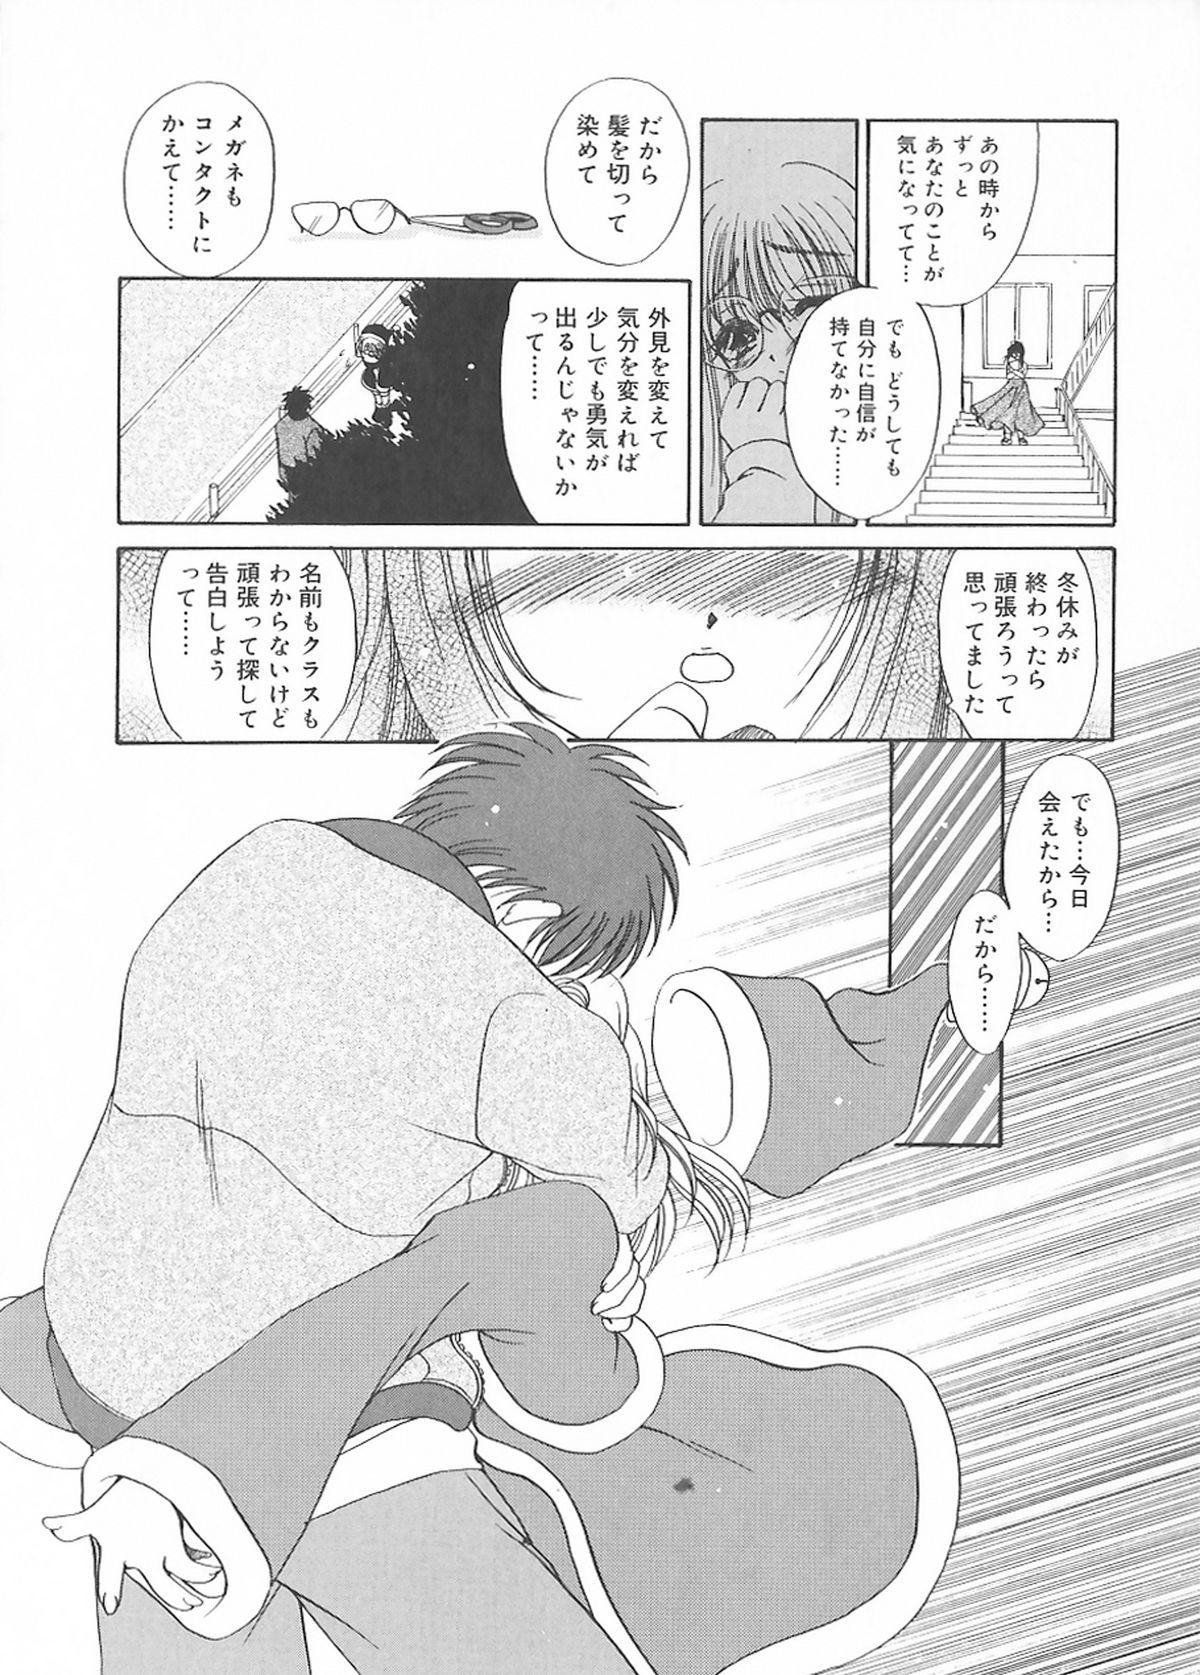 Cream Tengoku - Shinsouban 185